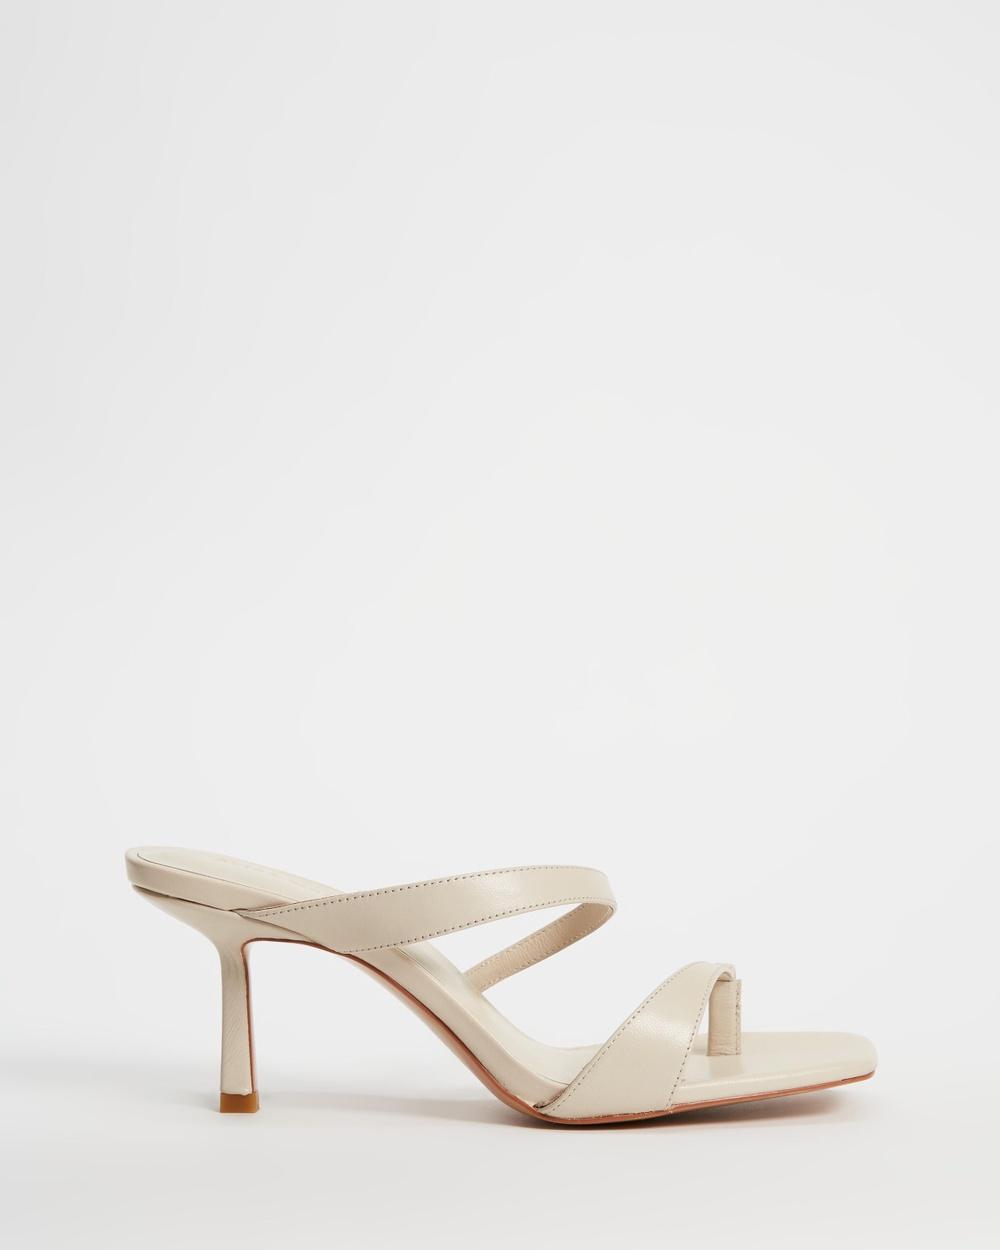 Alias Mae Lizzy Sandals Bone Leather